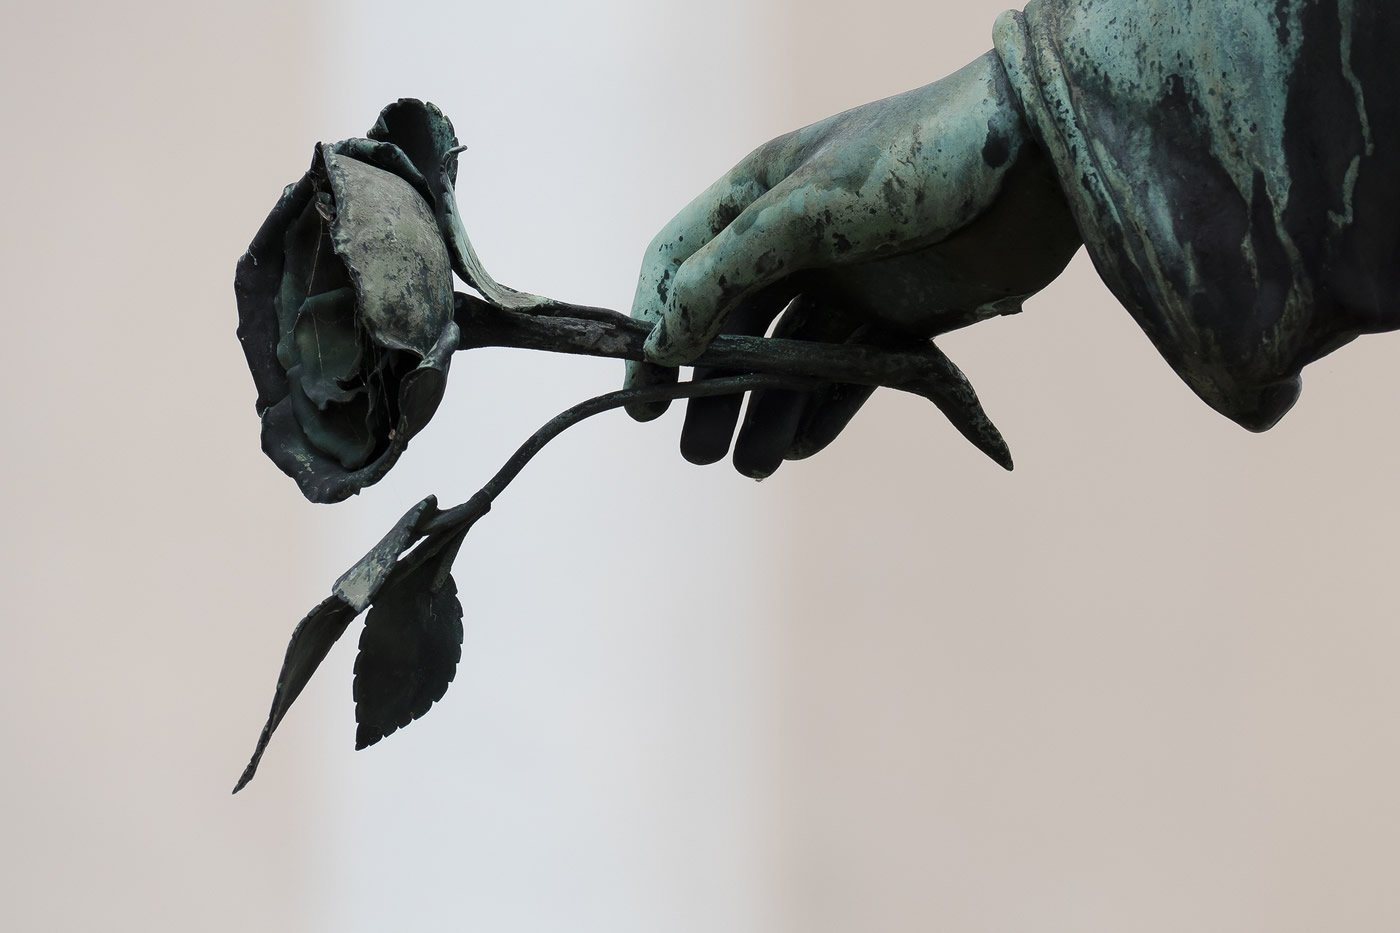 Questo mostra una statua di una mano che regge una rosa